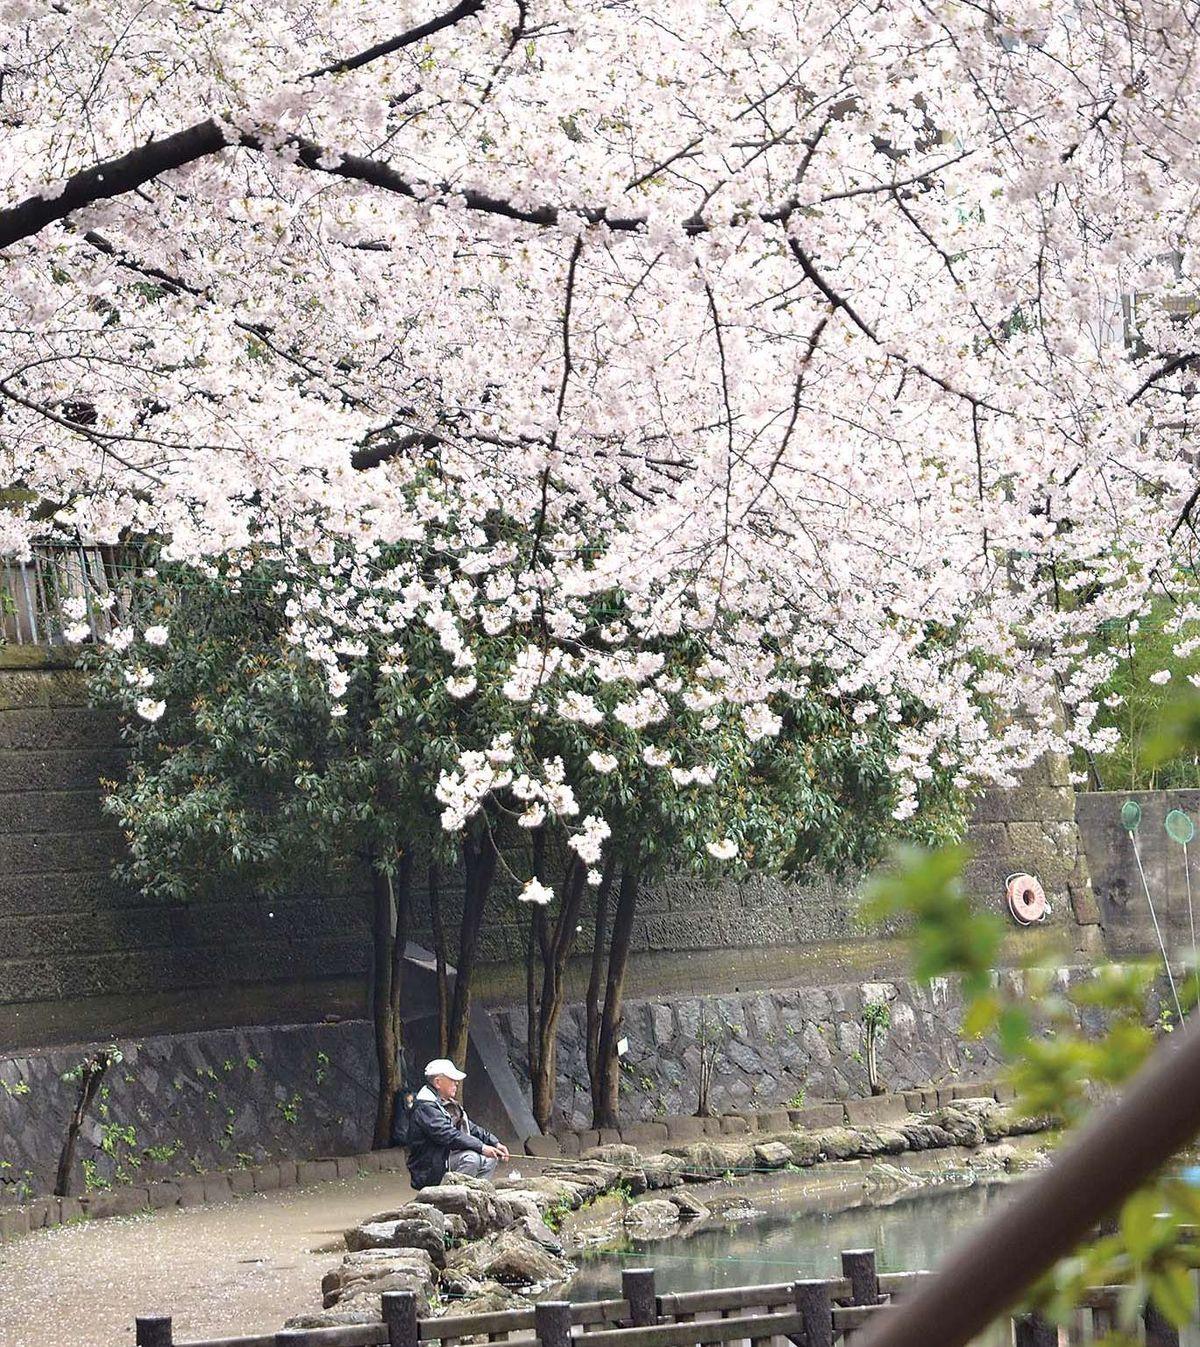 031-035ohanami_tsuriba_cs6 (6)_1